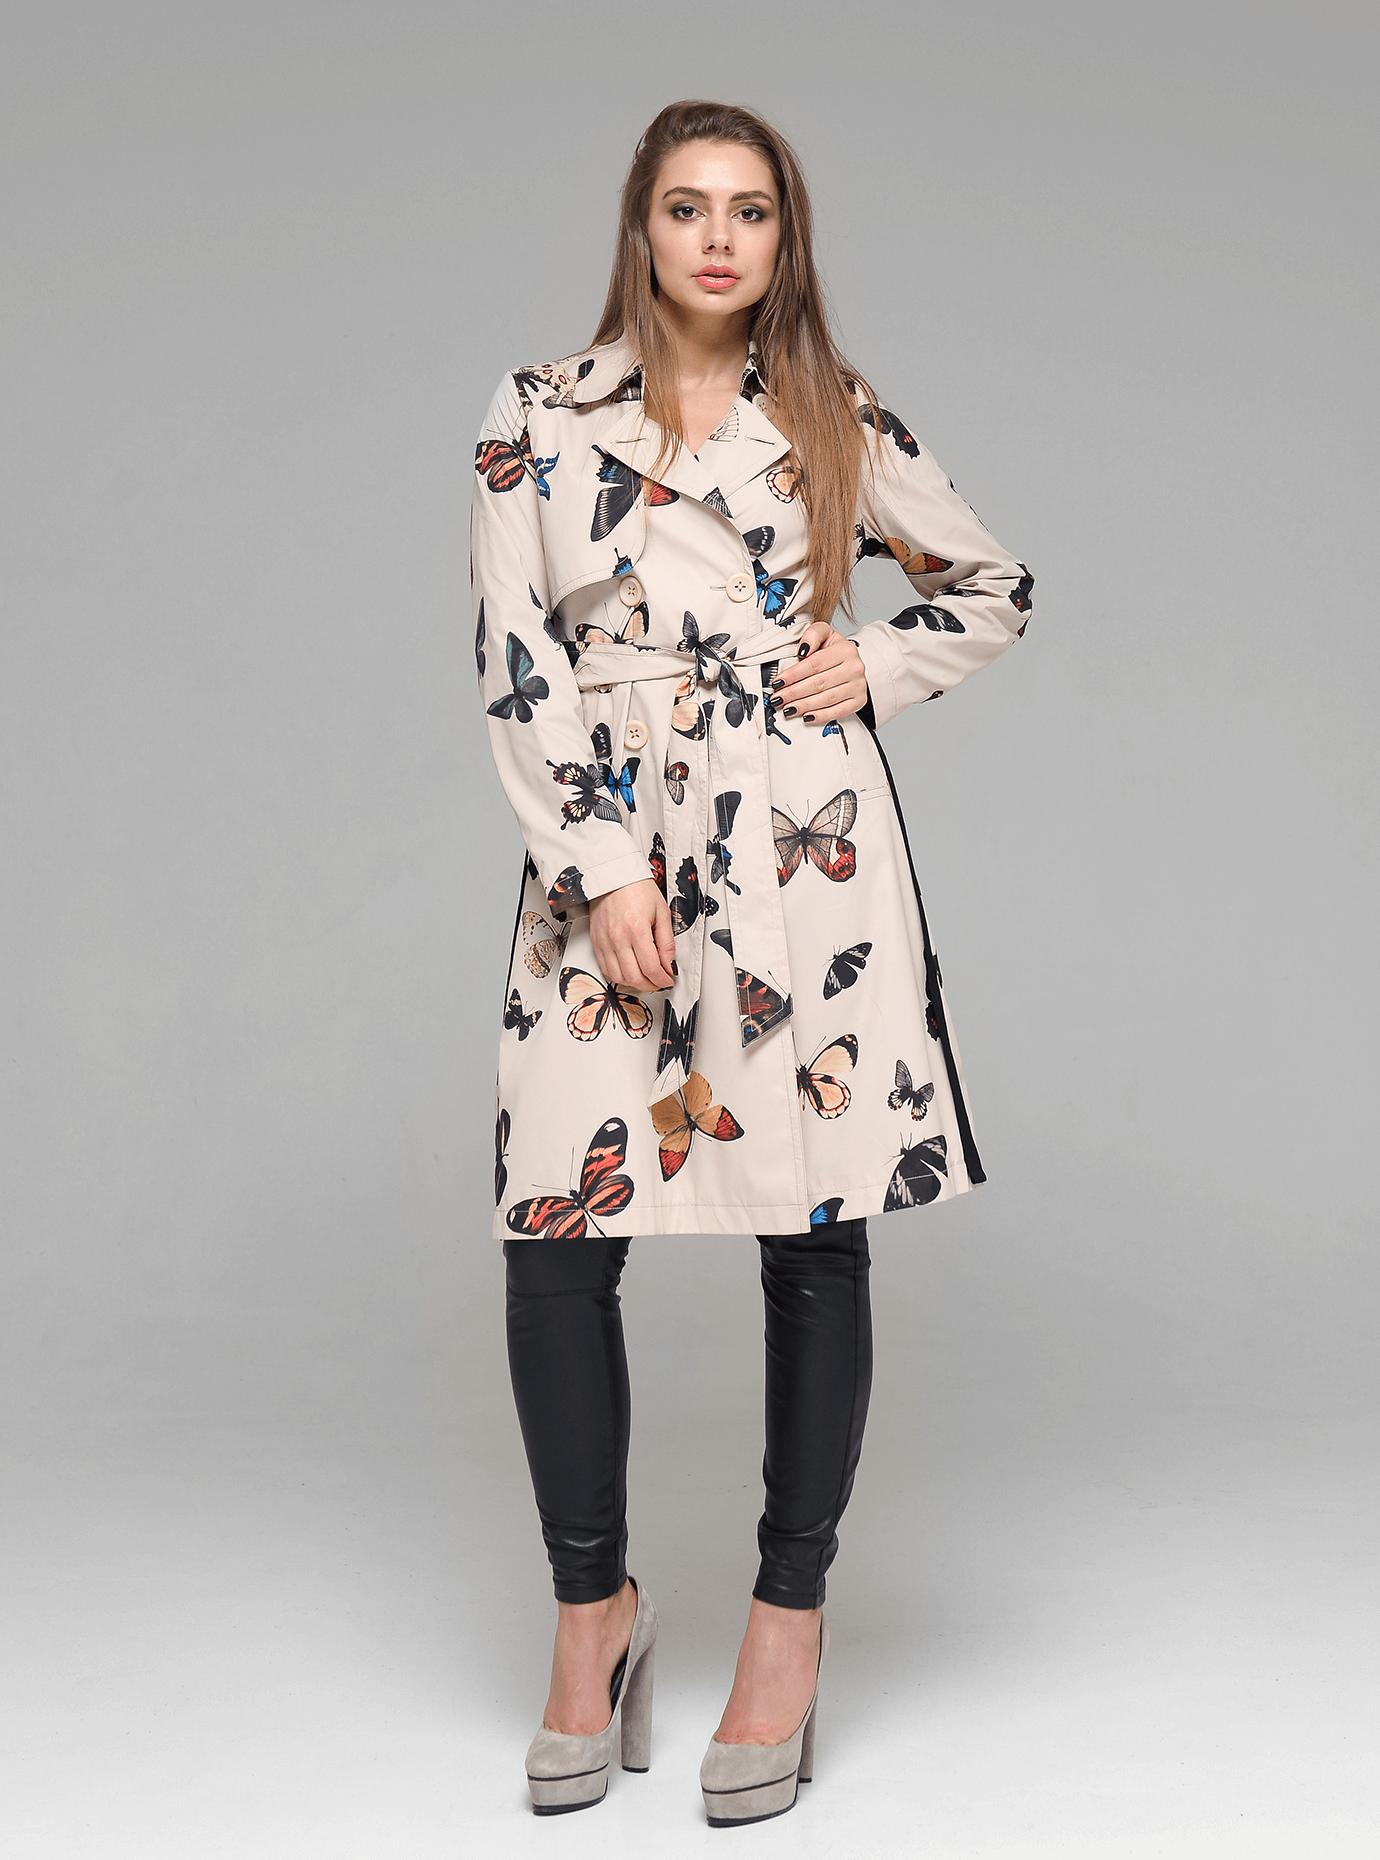 Женское пальто демисезонное Бежевый L (02-D190170): фото - Alster.ua